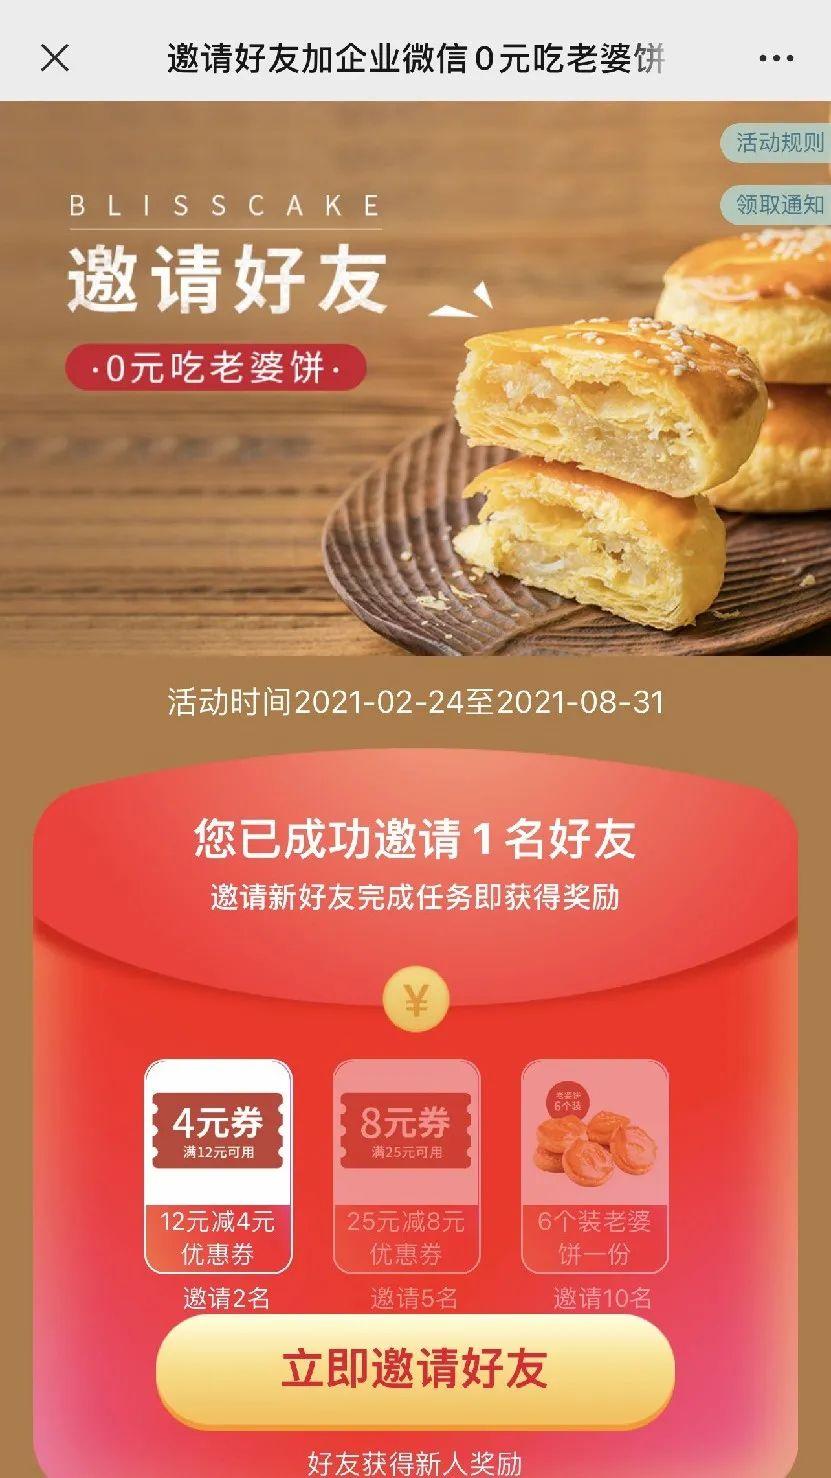 月均2万+粉丝增长,转化89%,幸福西饼决定复制了!